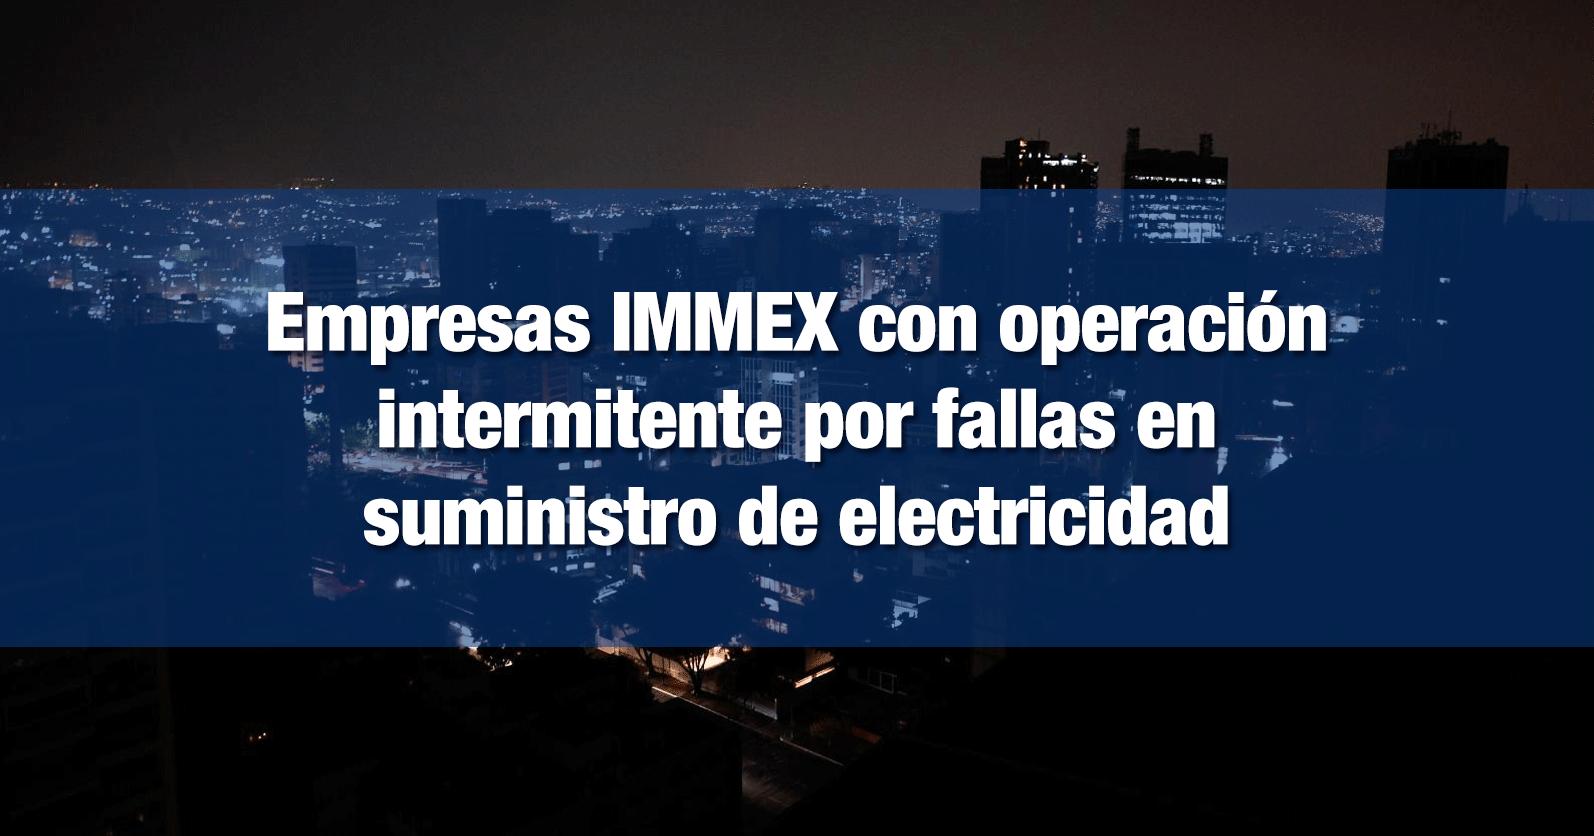 Empresas IMMEX con operación intermitente por fallas en suministro de electricidad